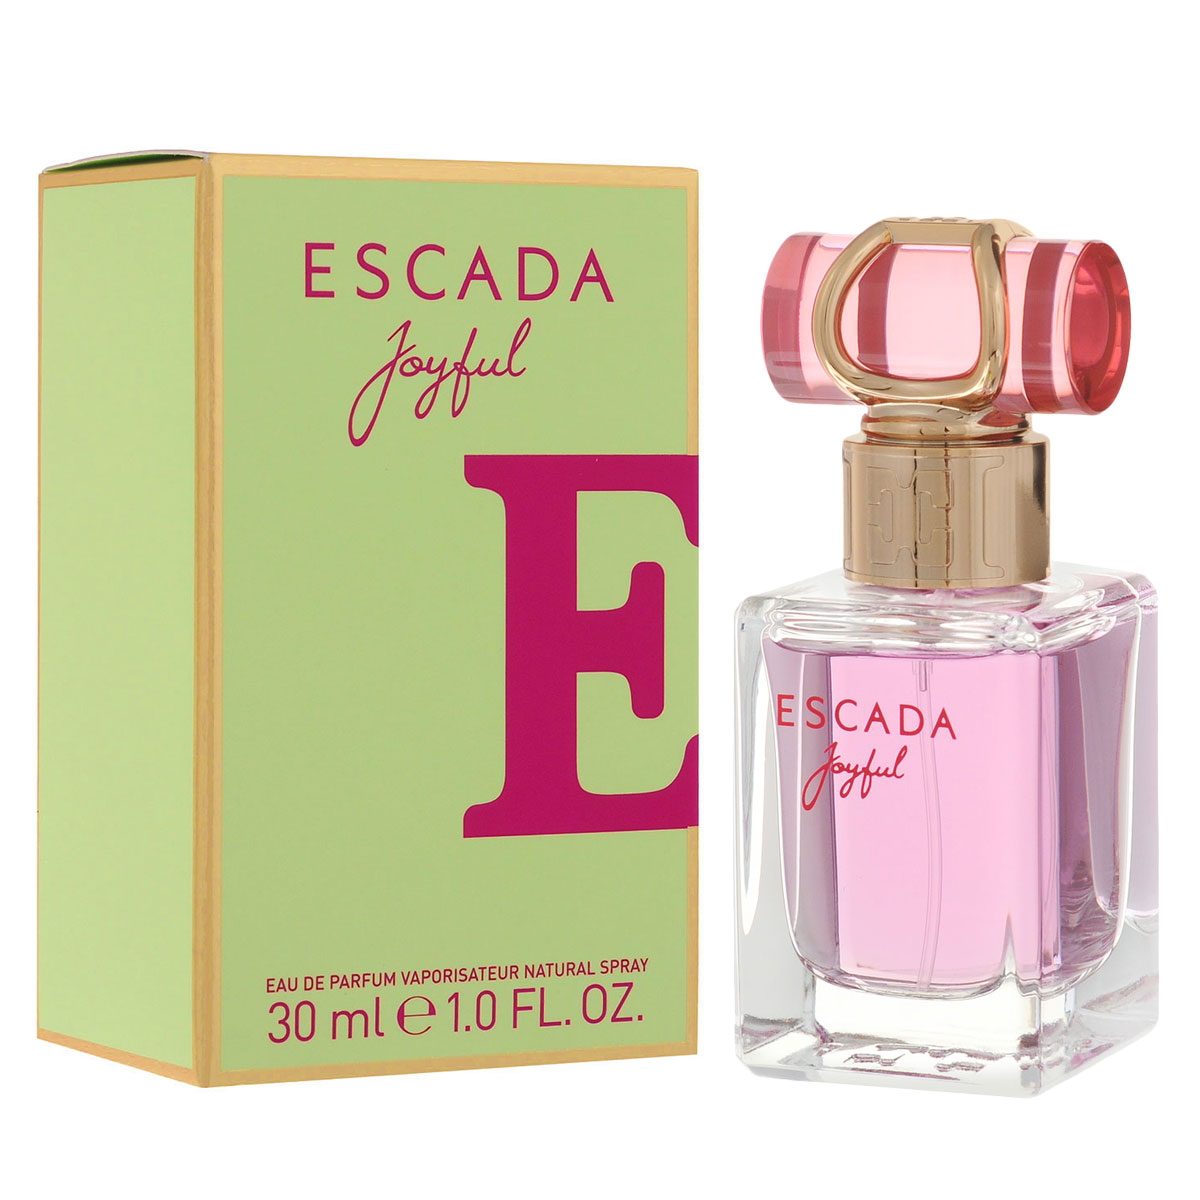 Escada Парфюмерная вода Joyful, женская, 30 мл0737052778266Нежный и легкий, словно мерцающая утренняя роса, ESCADA Joyful – это восхитительный цветочный аромат. Насыщенный аромат магнолии и розового пиона придает аромату глубину, выразительность и изысканный характер. Верхние ноты Аромат открывается аккордом сорбета из черной смородины, который дарит коже ощущение свежести и прохлады. Энергичные ноты мандарина и дыни придают композиции игривость и свободу духа. Сердечные ноты Фруктовые аккорды гармонично дополняются нотами листьев фиалки, в то время как розовый пион добавляет жизнерадостности. Натуральное масло магнолии придает особую свежесть, которую усиливают острые ноты розовой фрезии и цикламена. Базовые ноты Теплый шлейф содержит уникальный компонент, Florimoss, придающий композиции землистые оттенки, окутанные нотами теплого сливочного сандалового дерева и роскошных медовых сот. Все это создает идеальное обрамление и добавляет насыщенности цветочным ингредиентам. Верхняя нота: сорбет из черной смородины, мандарина и дыни. Средняя нота: листья фиалки, розовый пион и цикламен. Шлейф: сандаловое дерево и роскошные медовые соты. Аромат наполнен нотами свежайших розовых пионов в обрамлении подернутых росой белых цветов. Дневной и вечерний аромат.